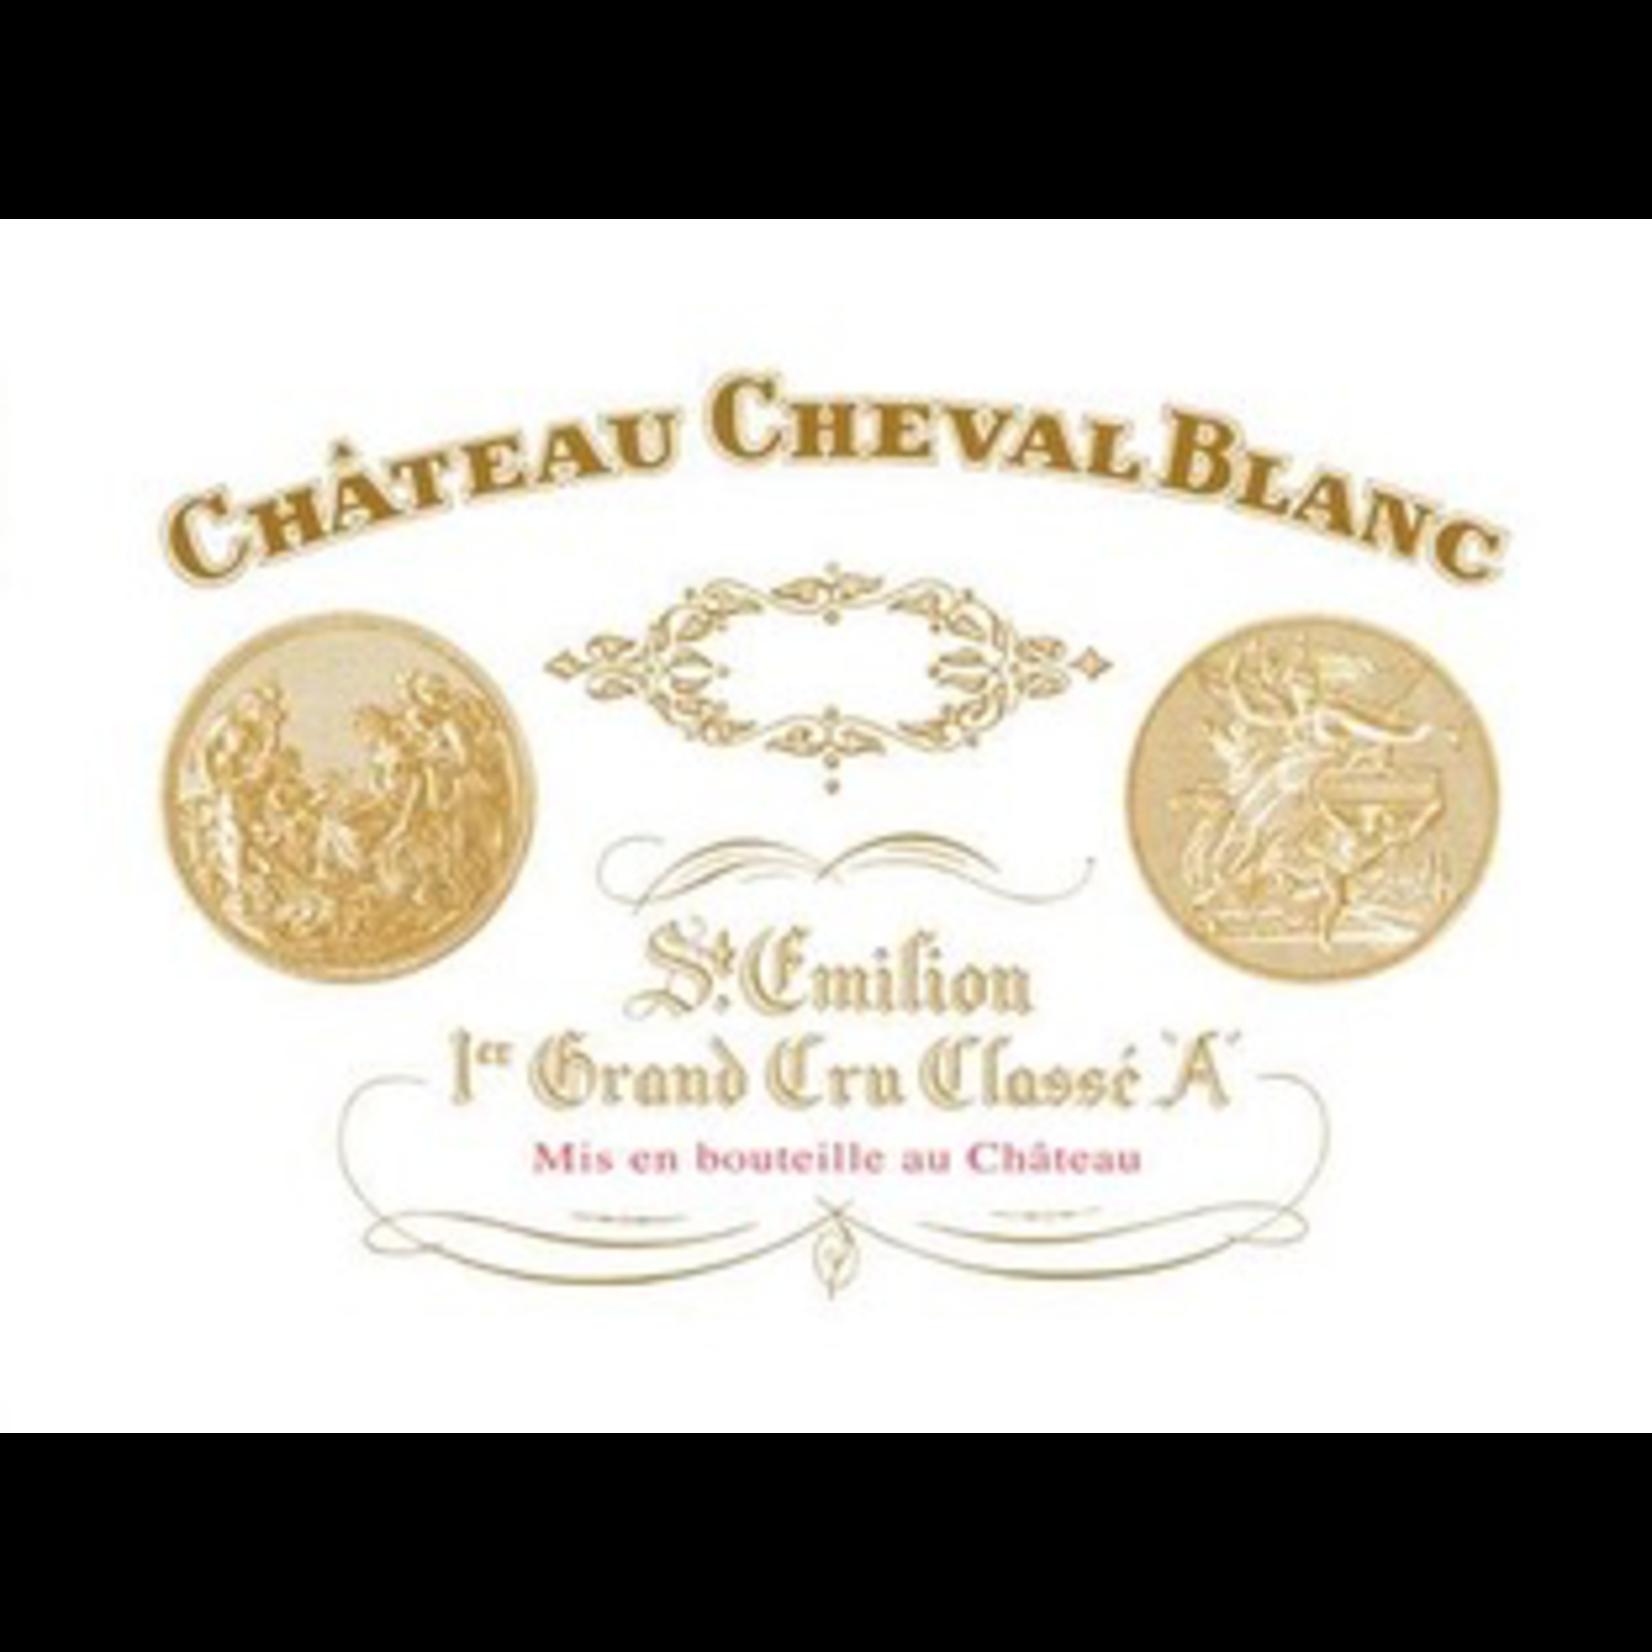 Wine Chateau Cheval Blanc, Saint-Emilion 1977